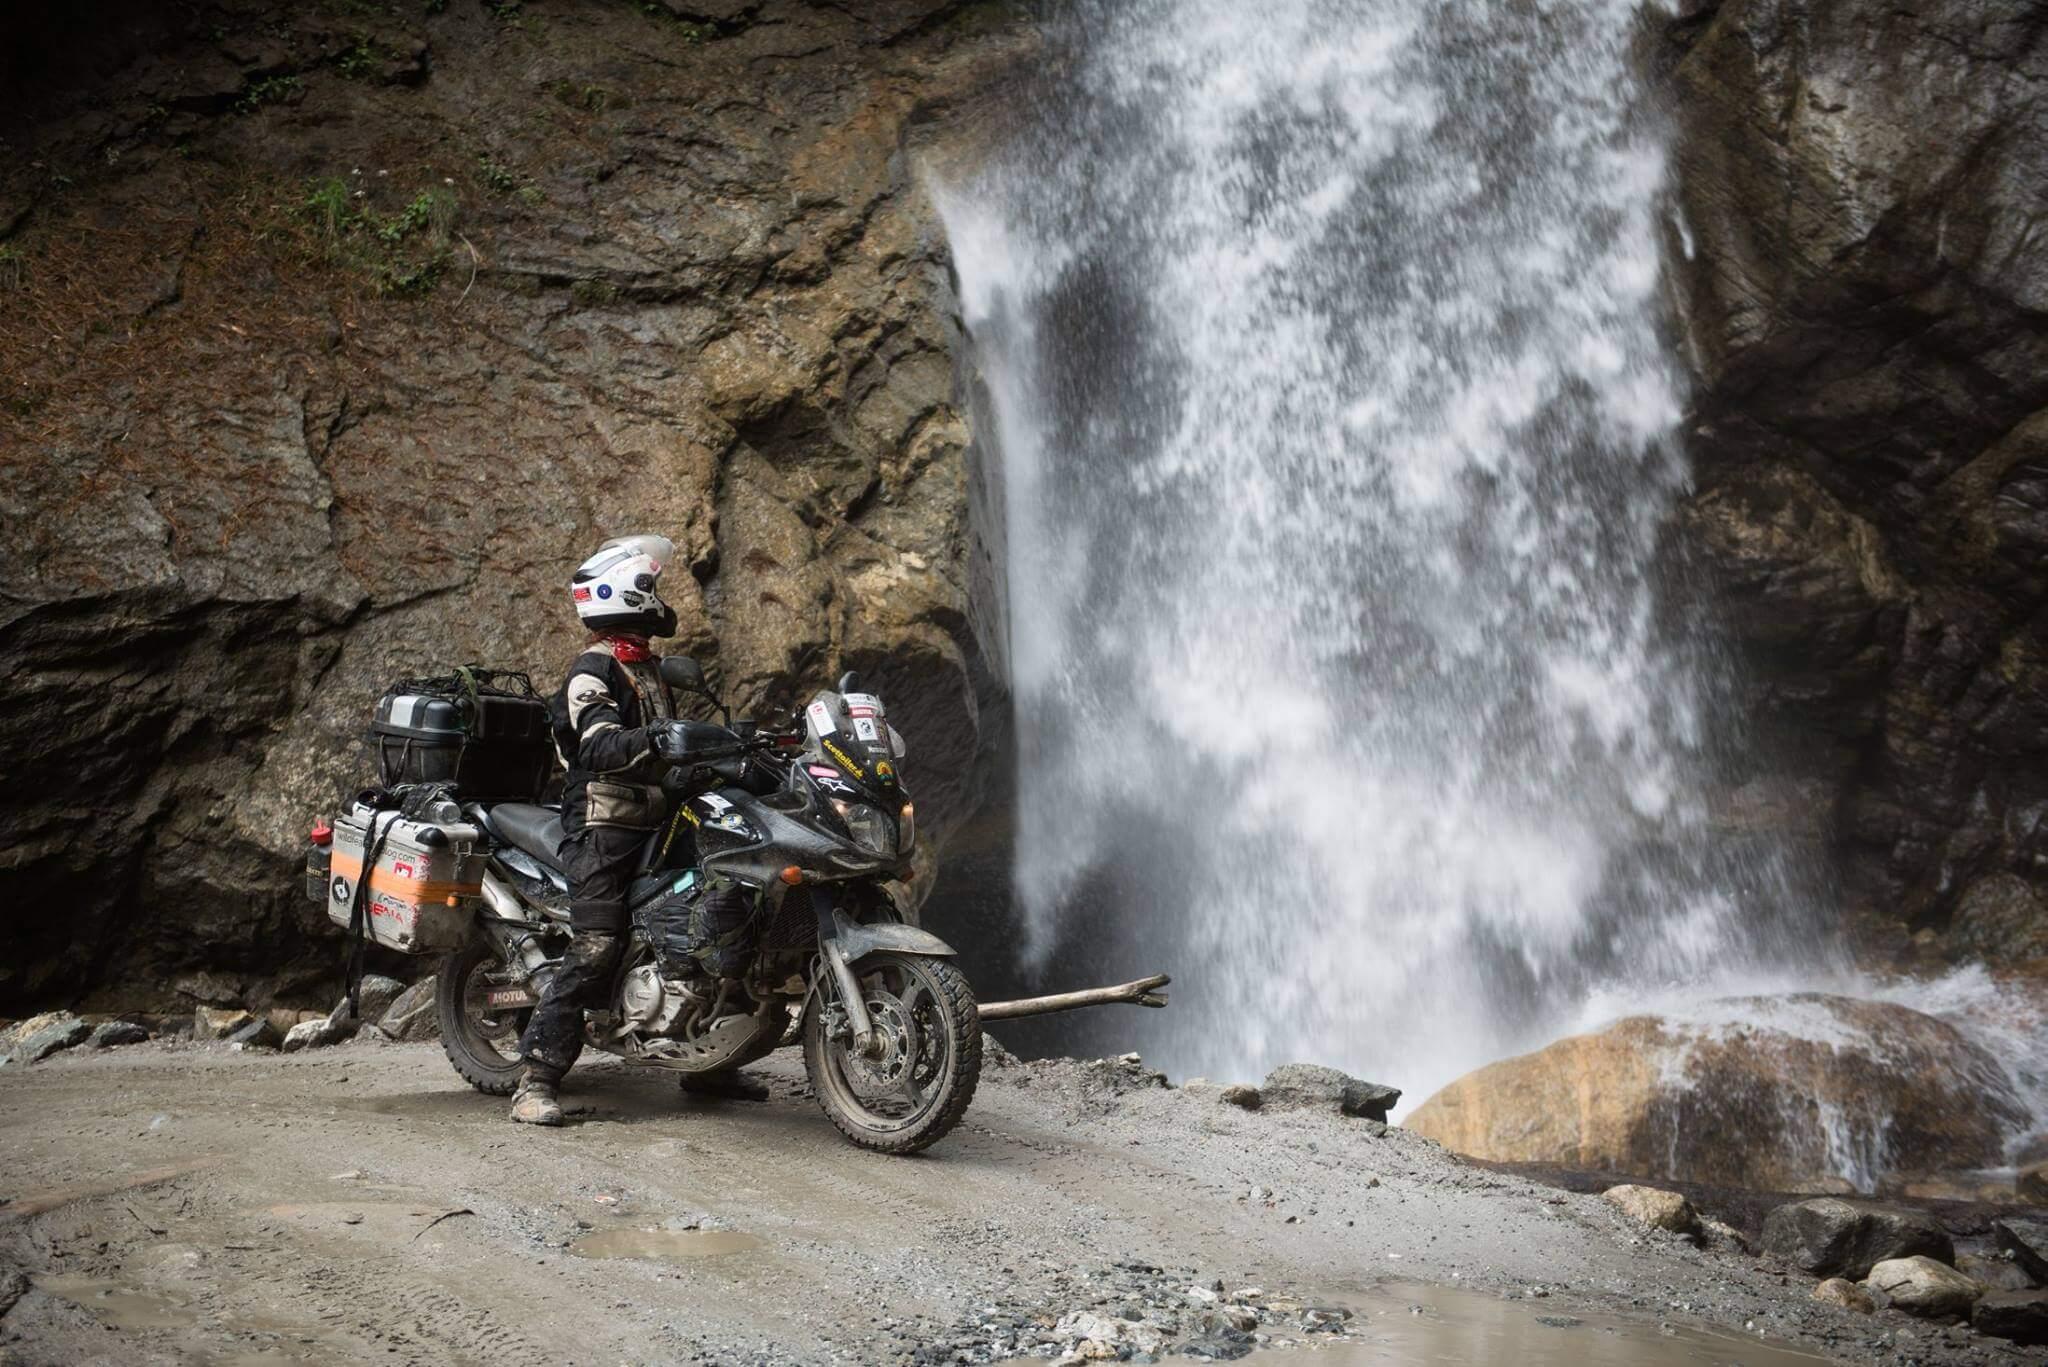 cascada - wildfeathers